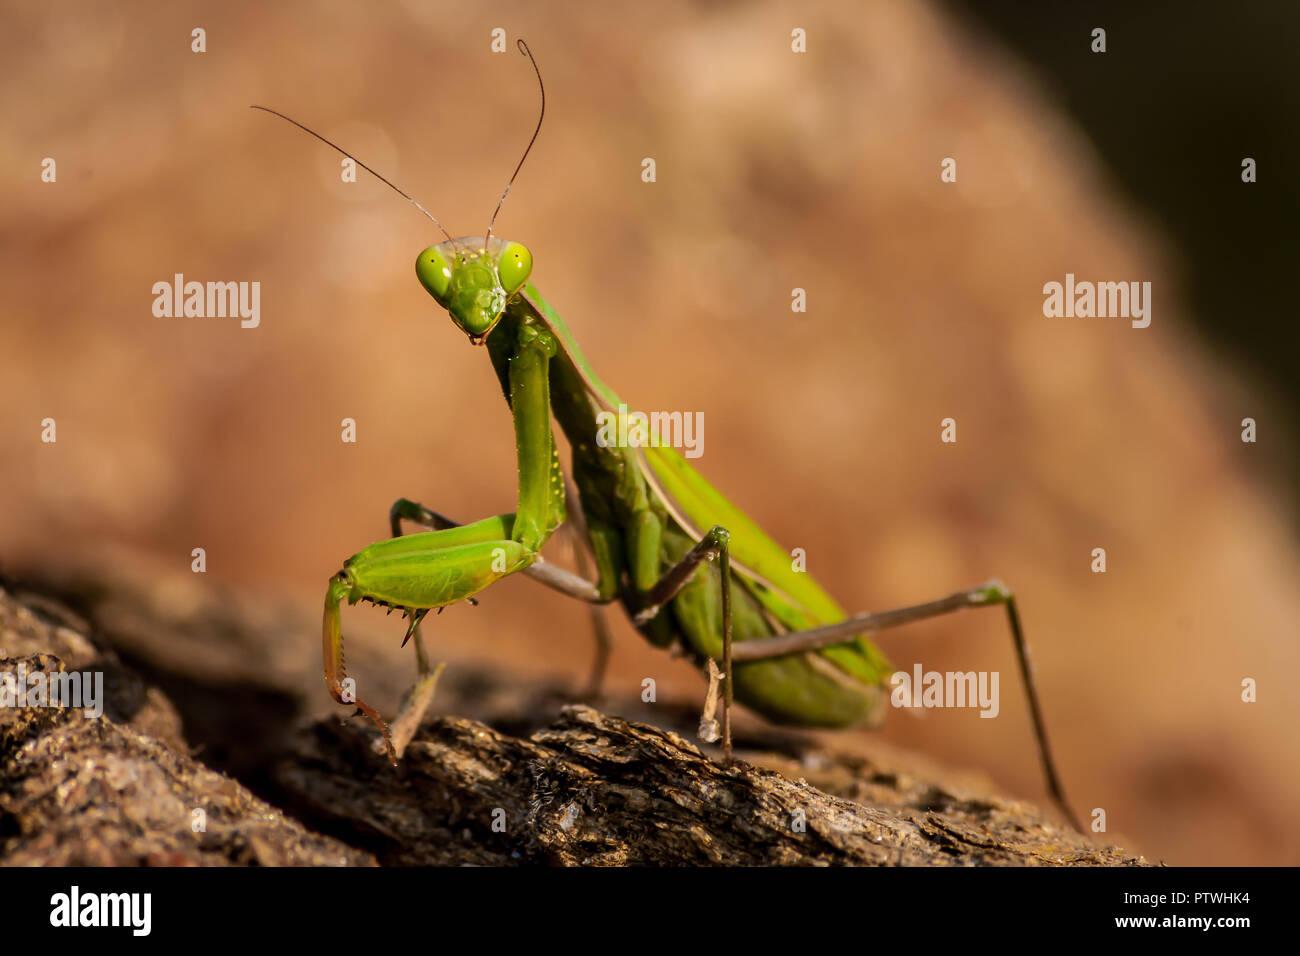 Grüne Gottesanbeterin mit Blick auf die Kamera schließen bis auf einem felsigen Hintergrund Stockbild